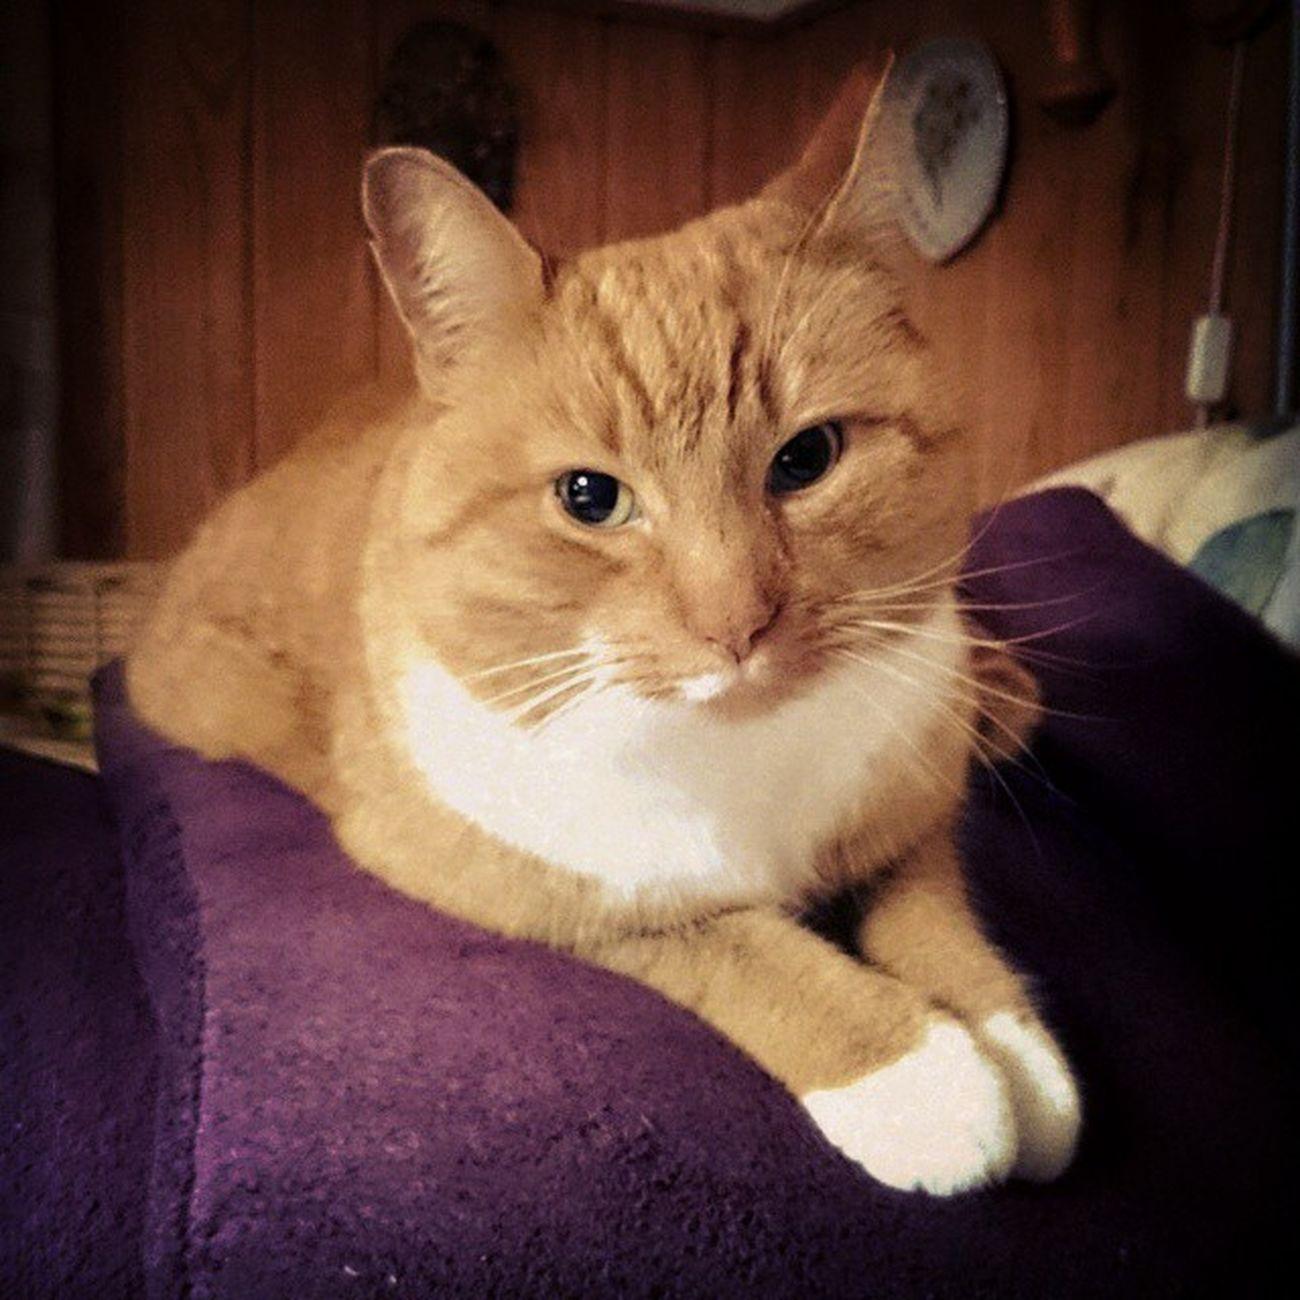 Suomi Syksy Kissa Lokakuu rauhallinen tyytyväinen punakeltainen lepohetki finland autumn cat october nap sonyxperia xperia Z2